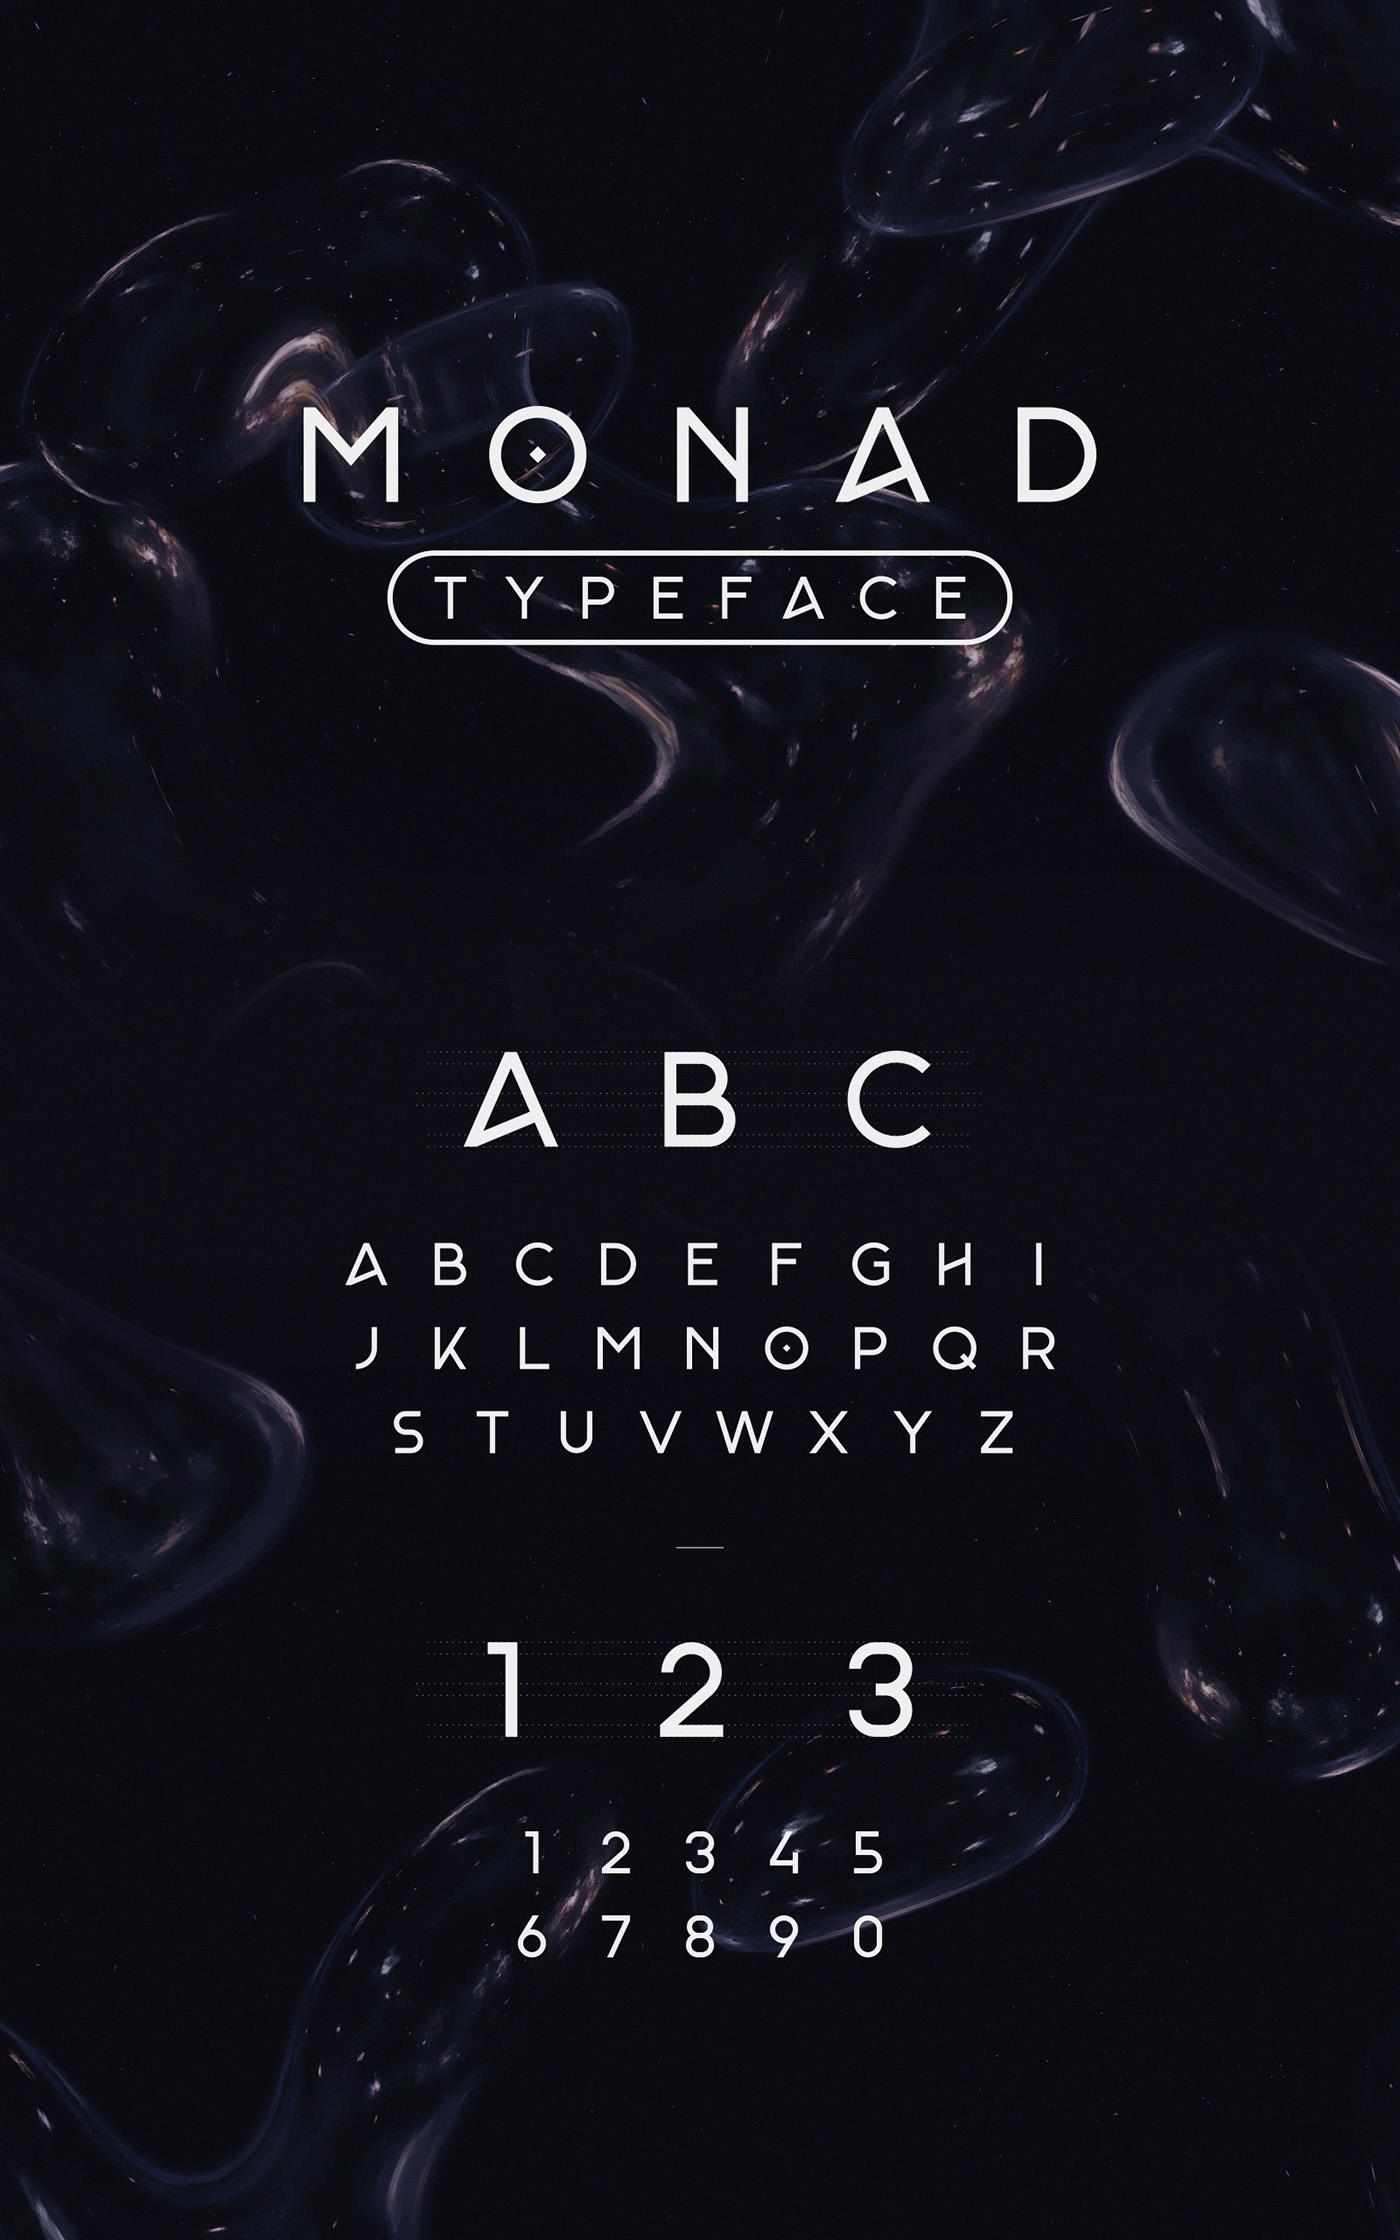 Monad Typeface